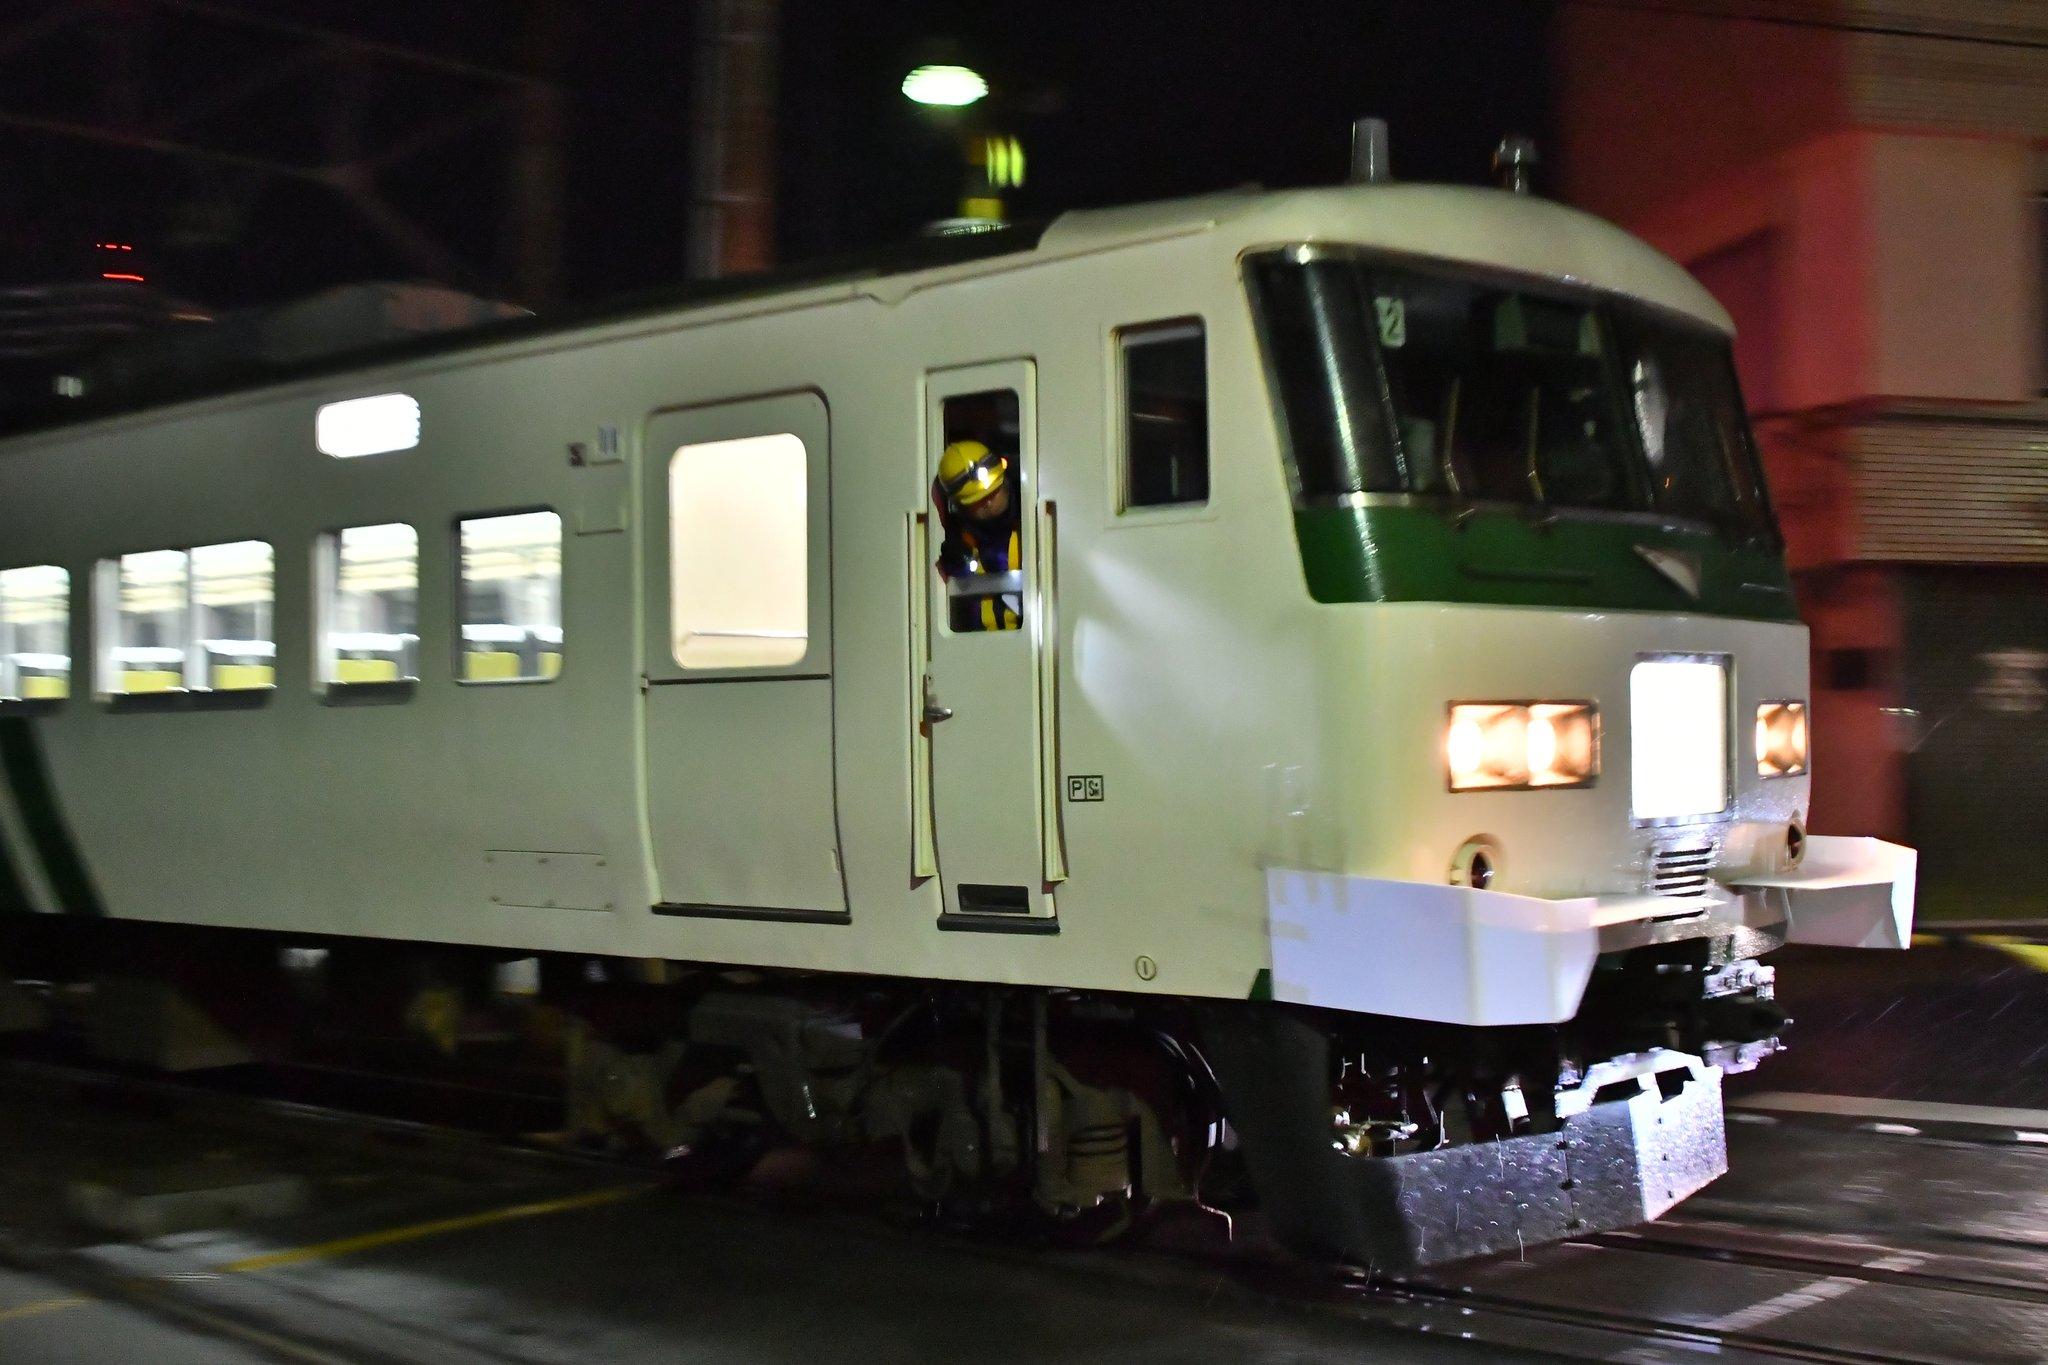 伊豆箱】バンパーをつけたJR東185系が試運転 | 2nd-train公式ブログ